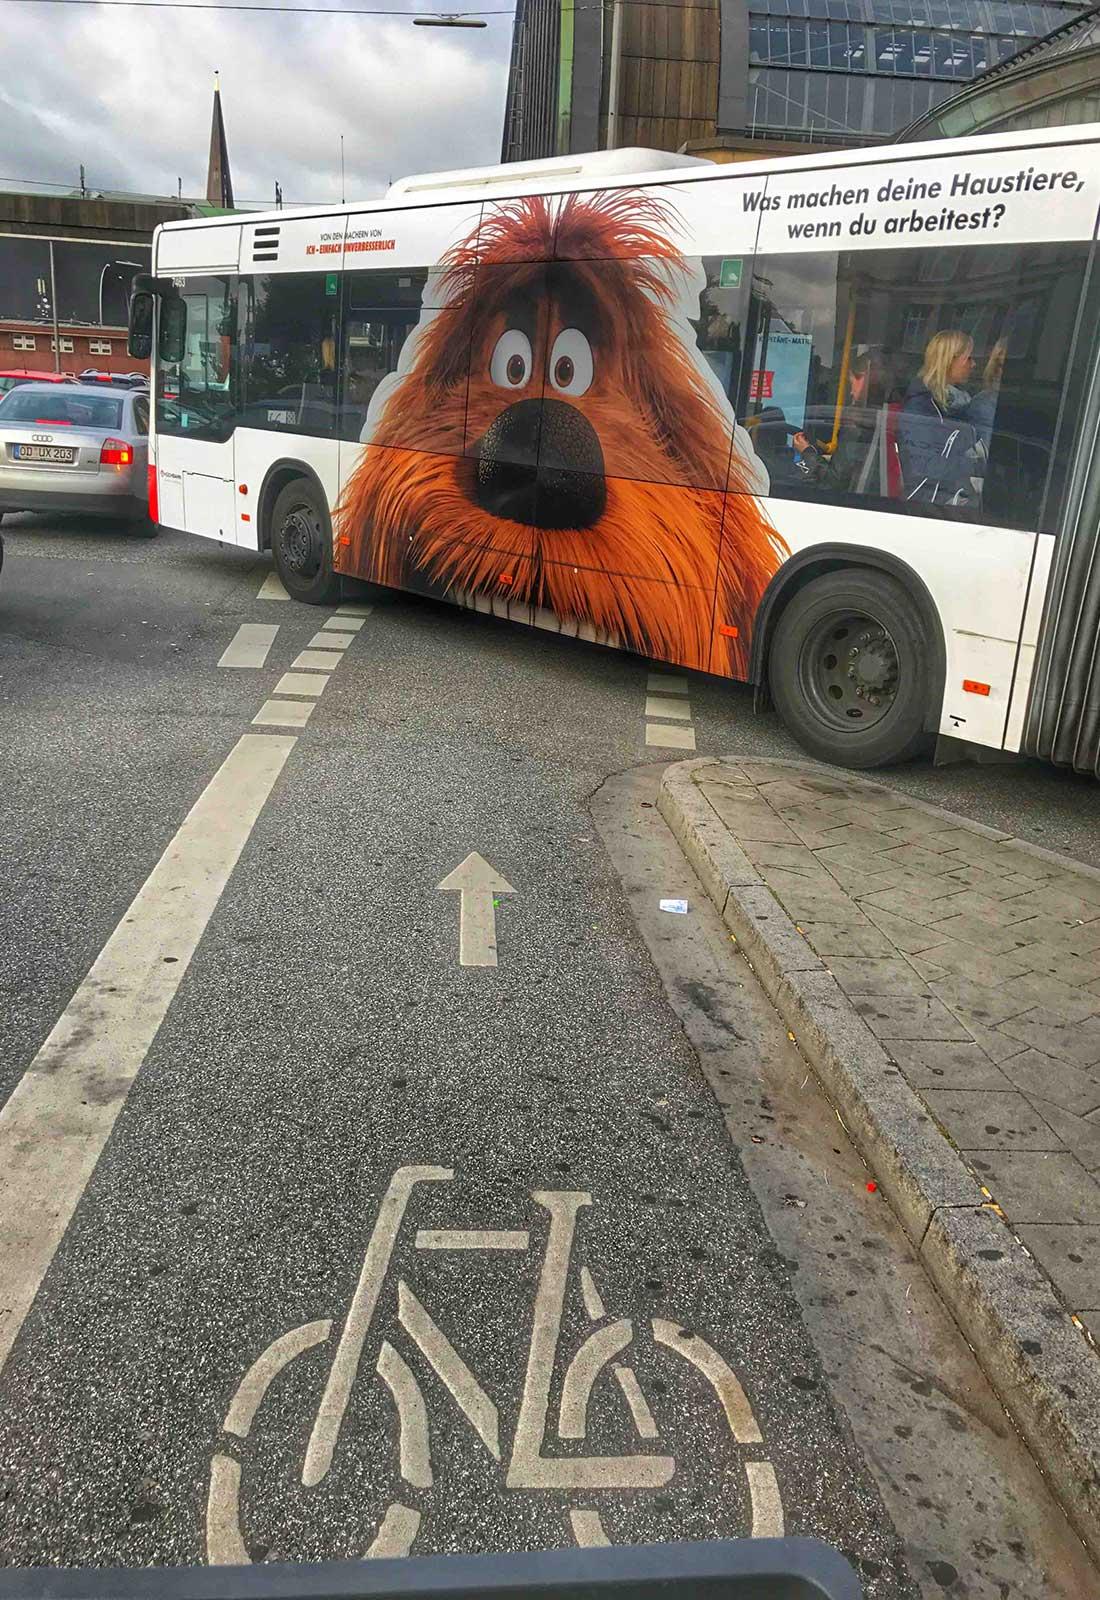 Hamburg fahrradtour, Radweg, Bus mit großem Hundebild